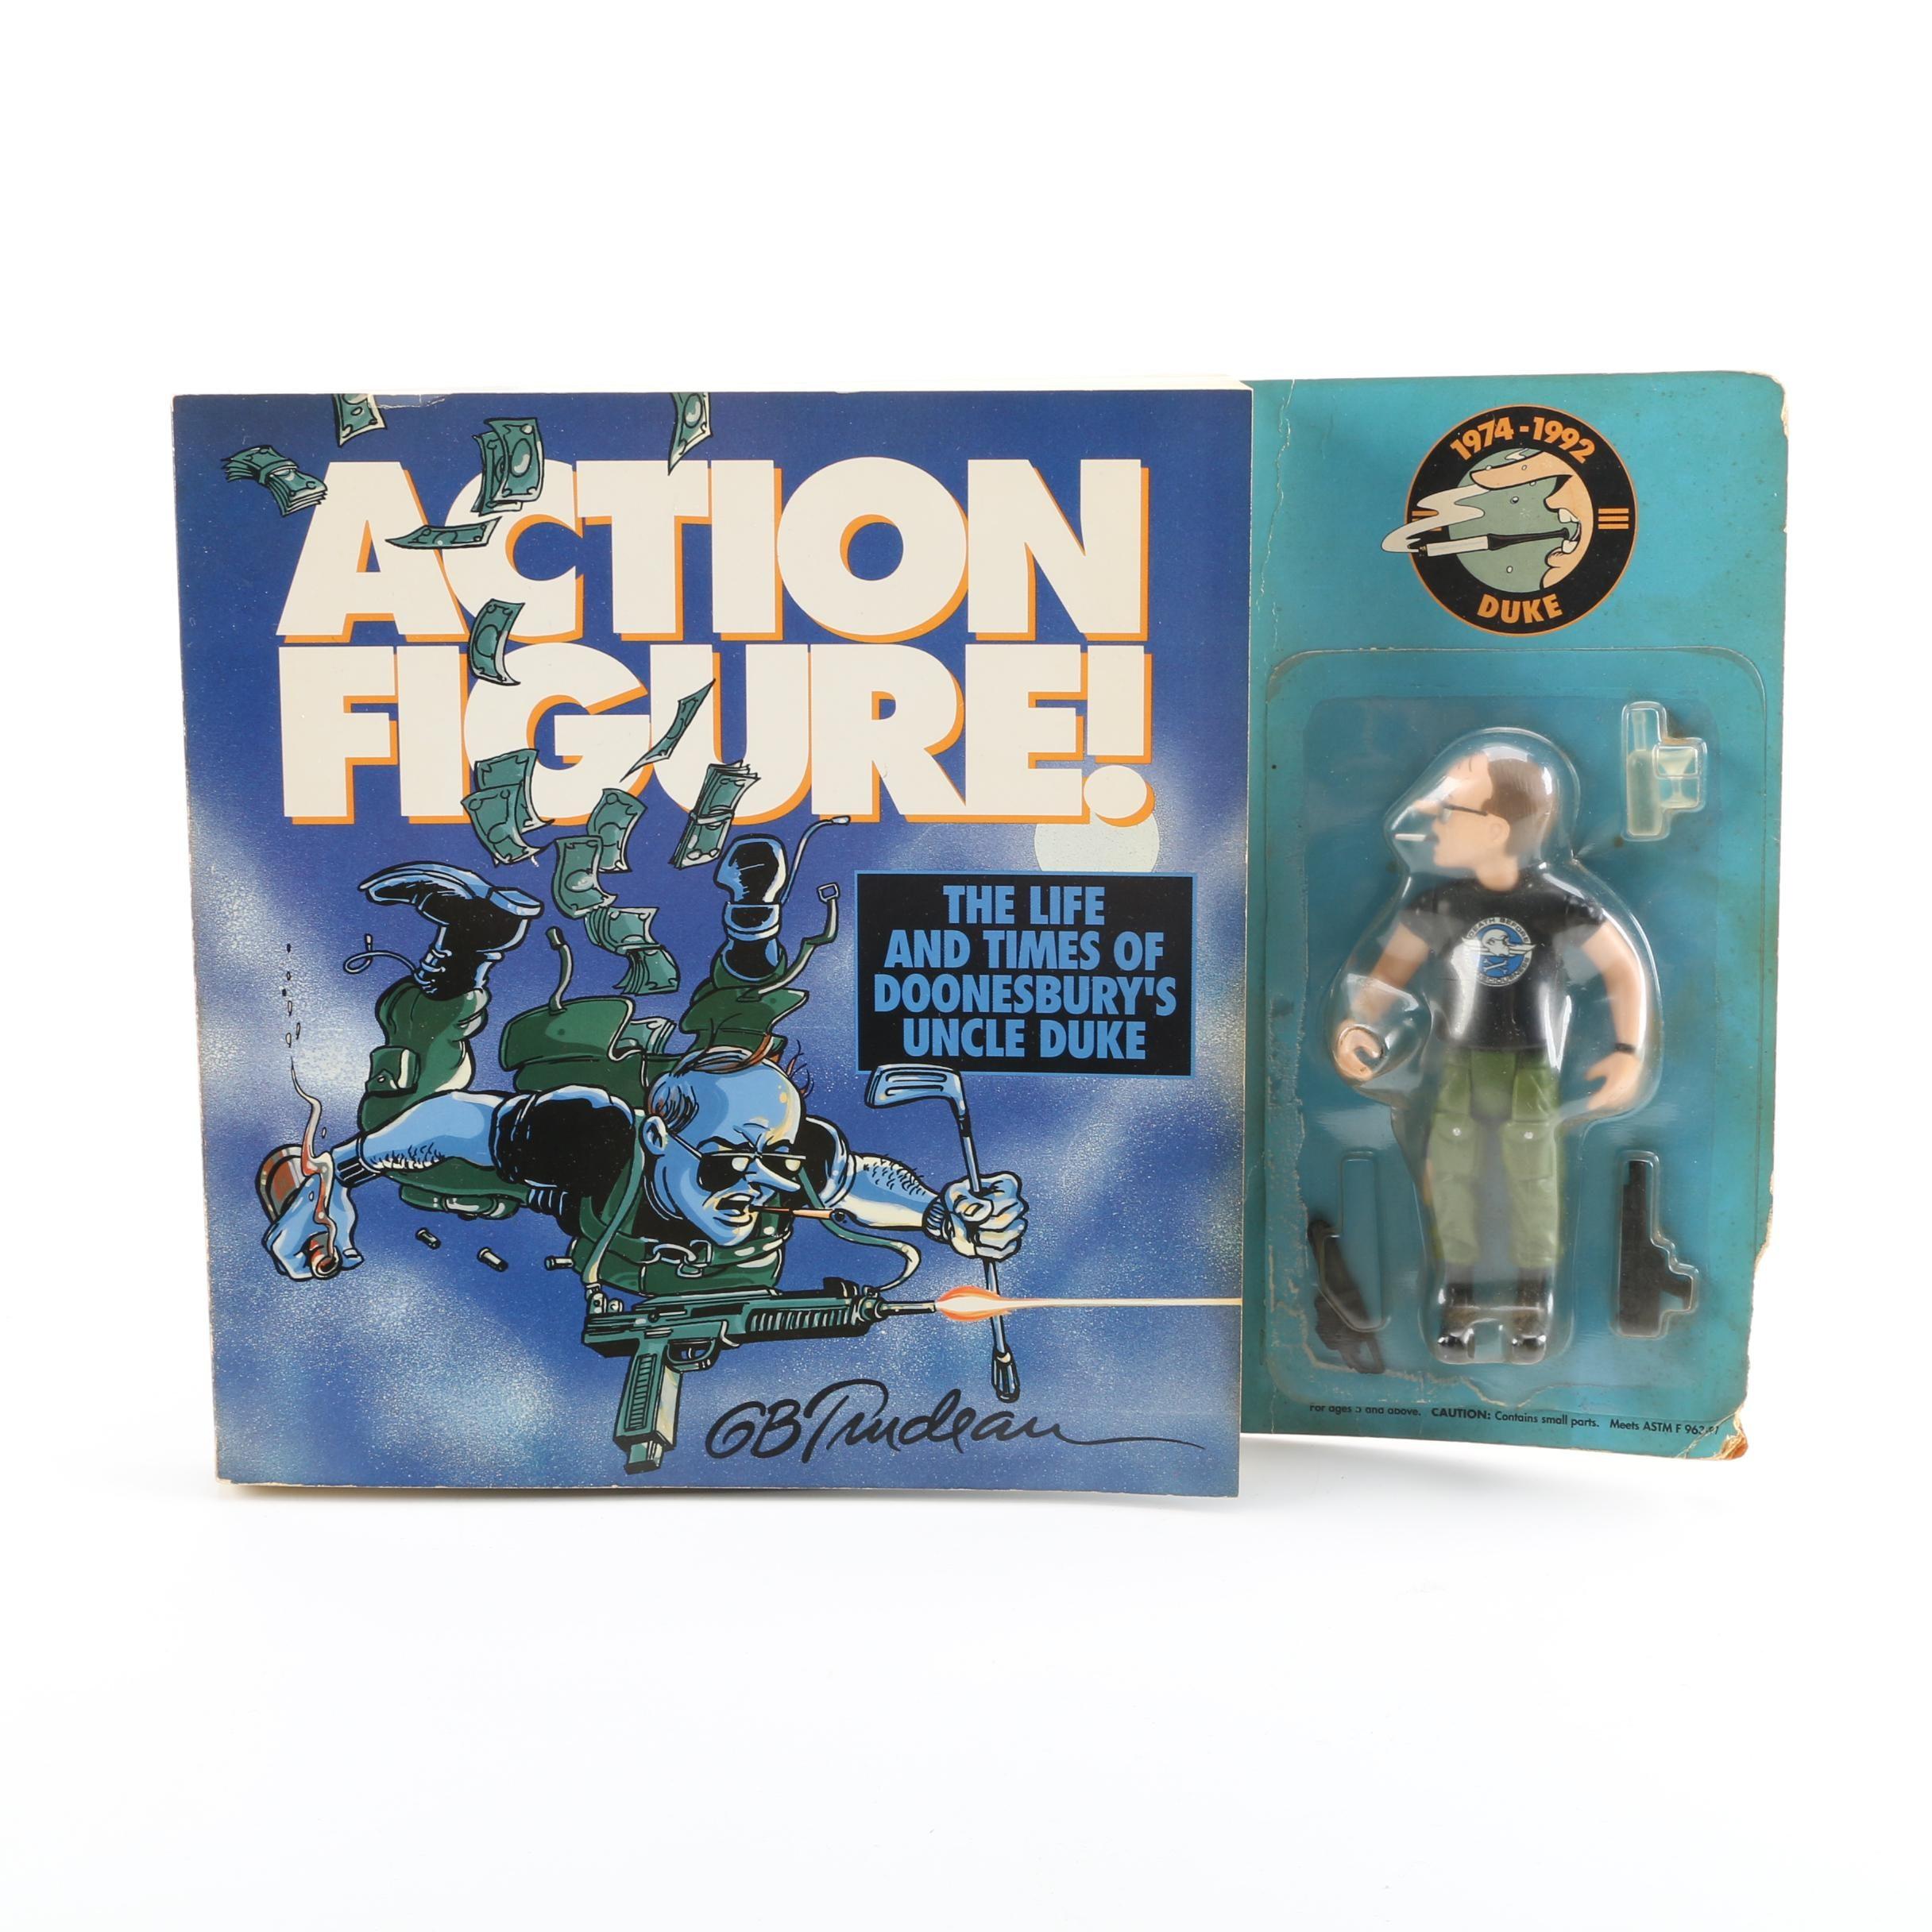 """Doonesbury """"Action Figure!"""" Book and """"Duke"""" Action Figure"""